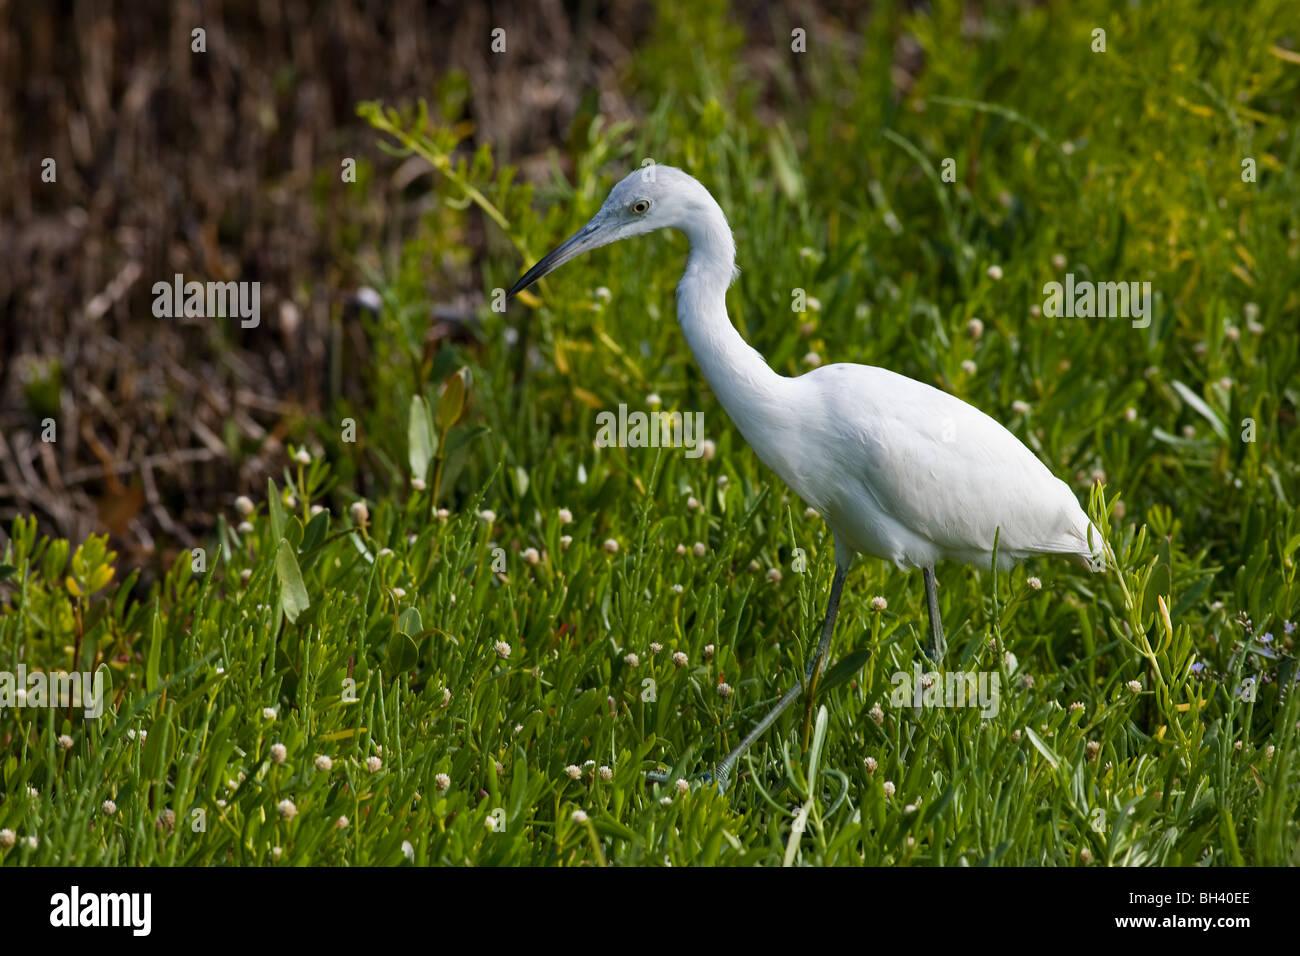 Cattle Egret Bubulcus ibis water bird J. N. Ding Darling National Wildlife Refuge Florida - Stock Image